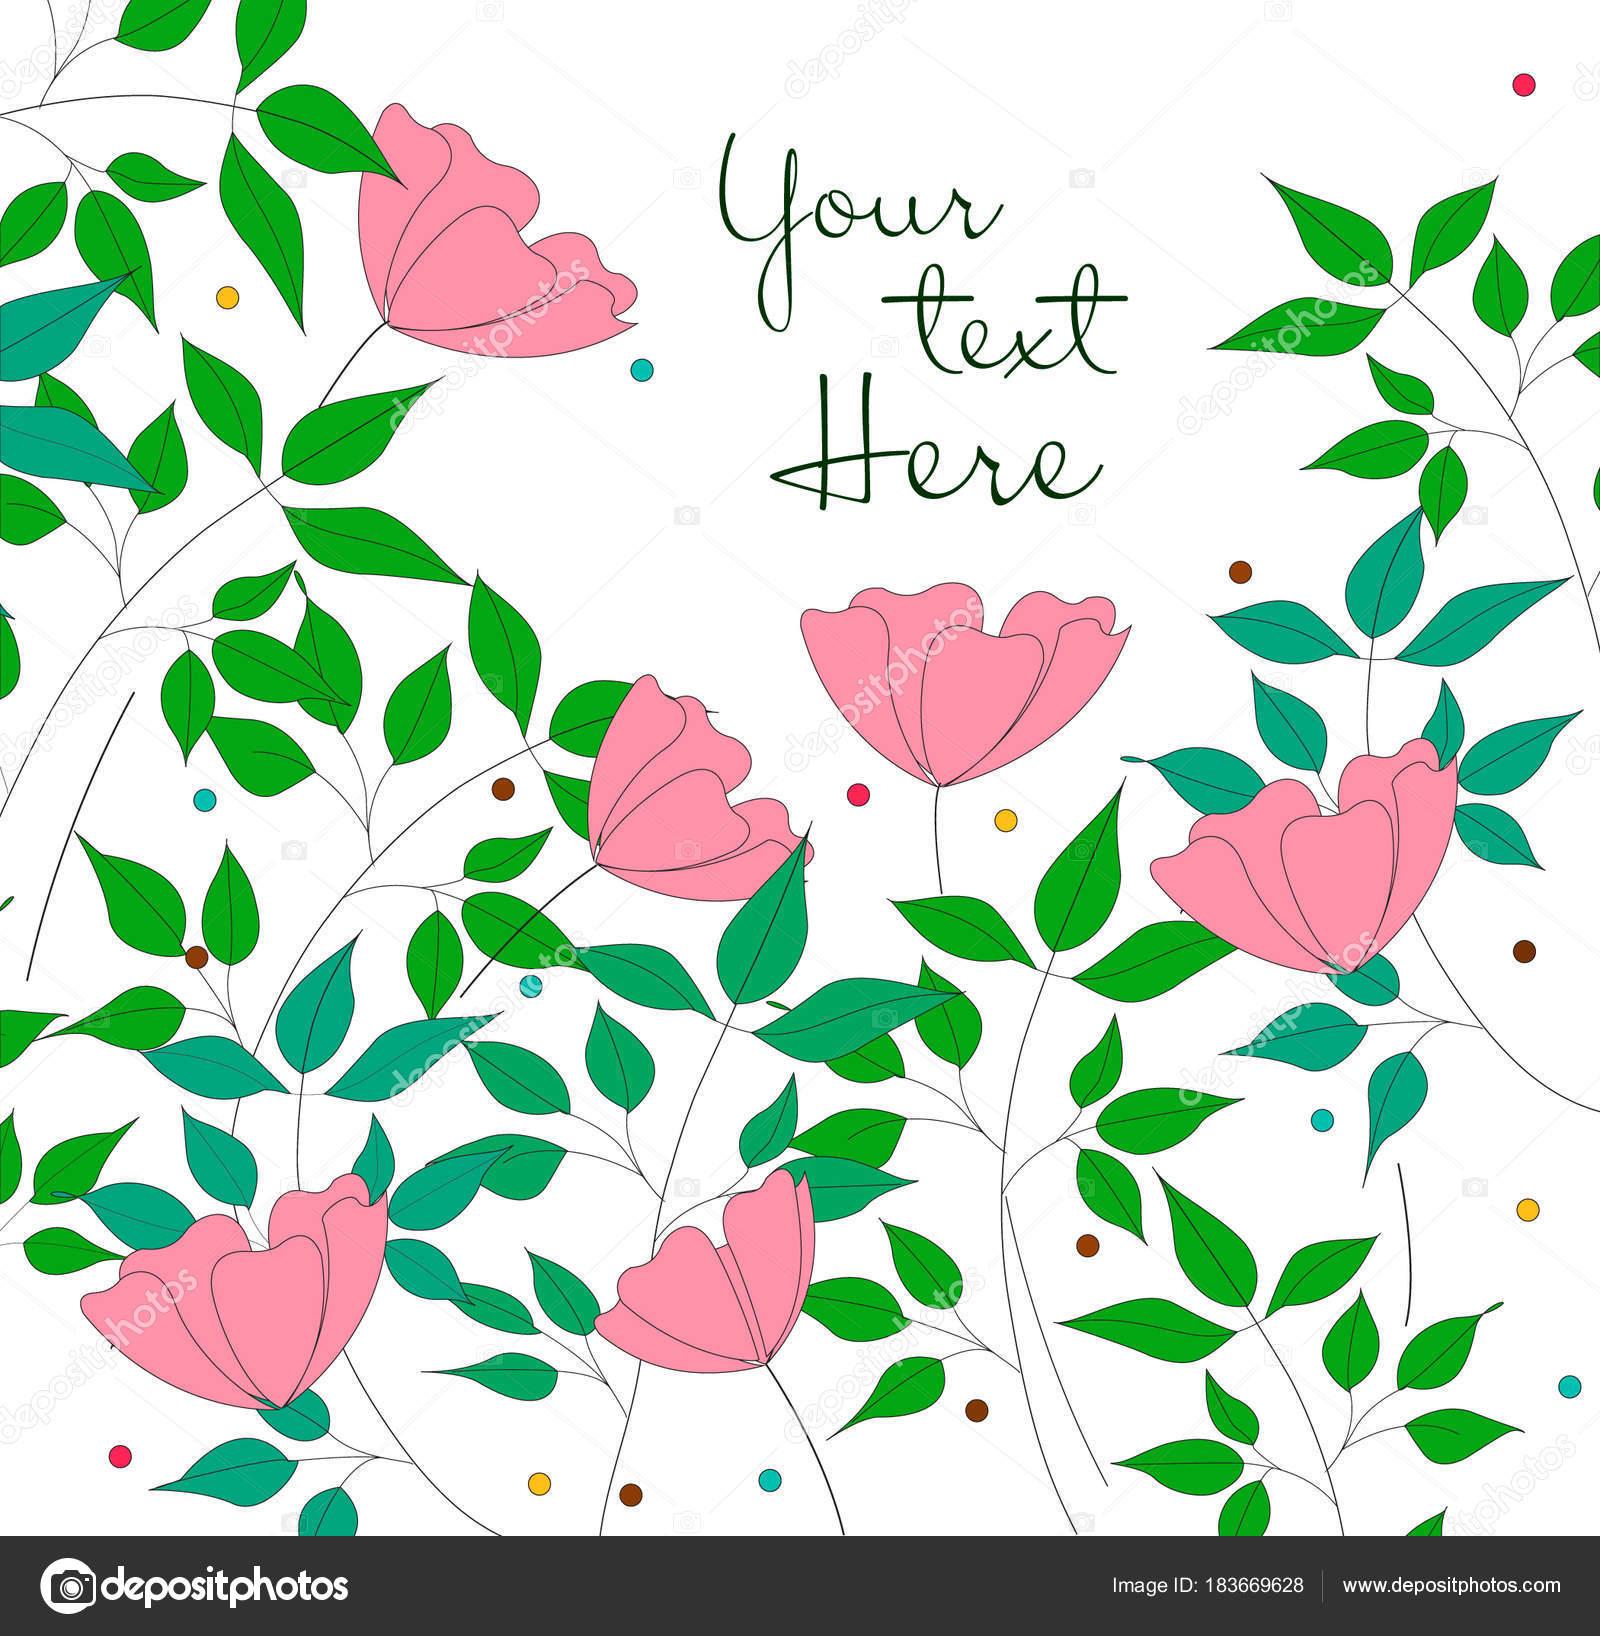 簡単な手のベクトル イラスト白背景に花を描かれました ストック